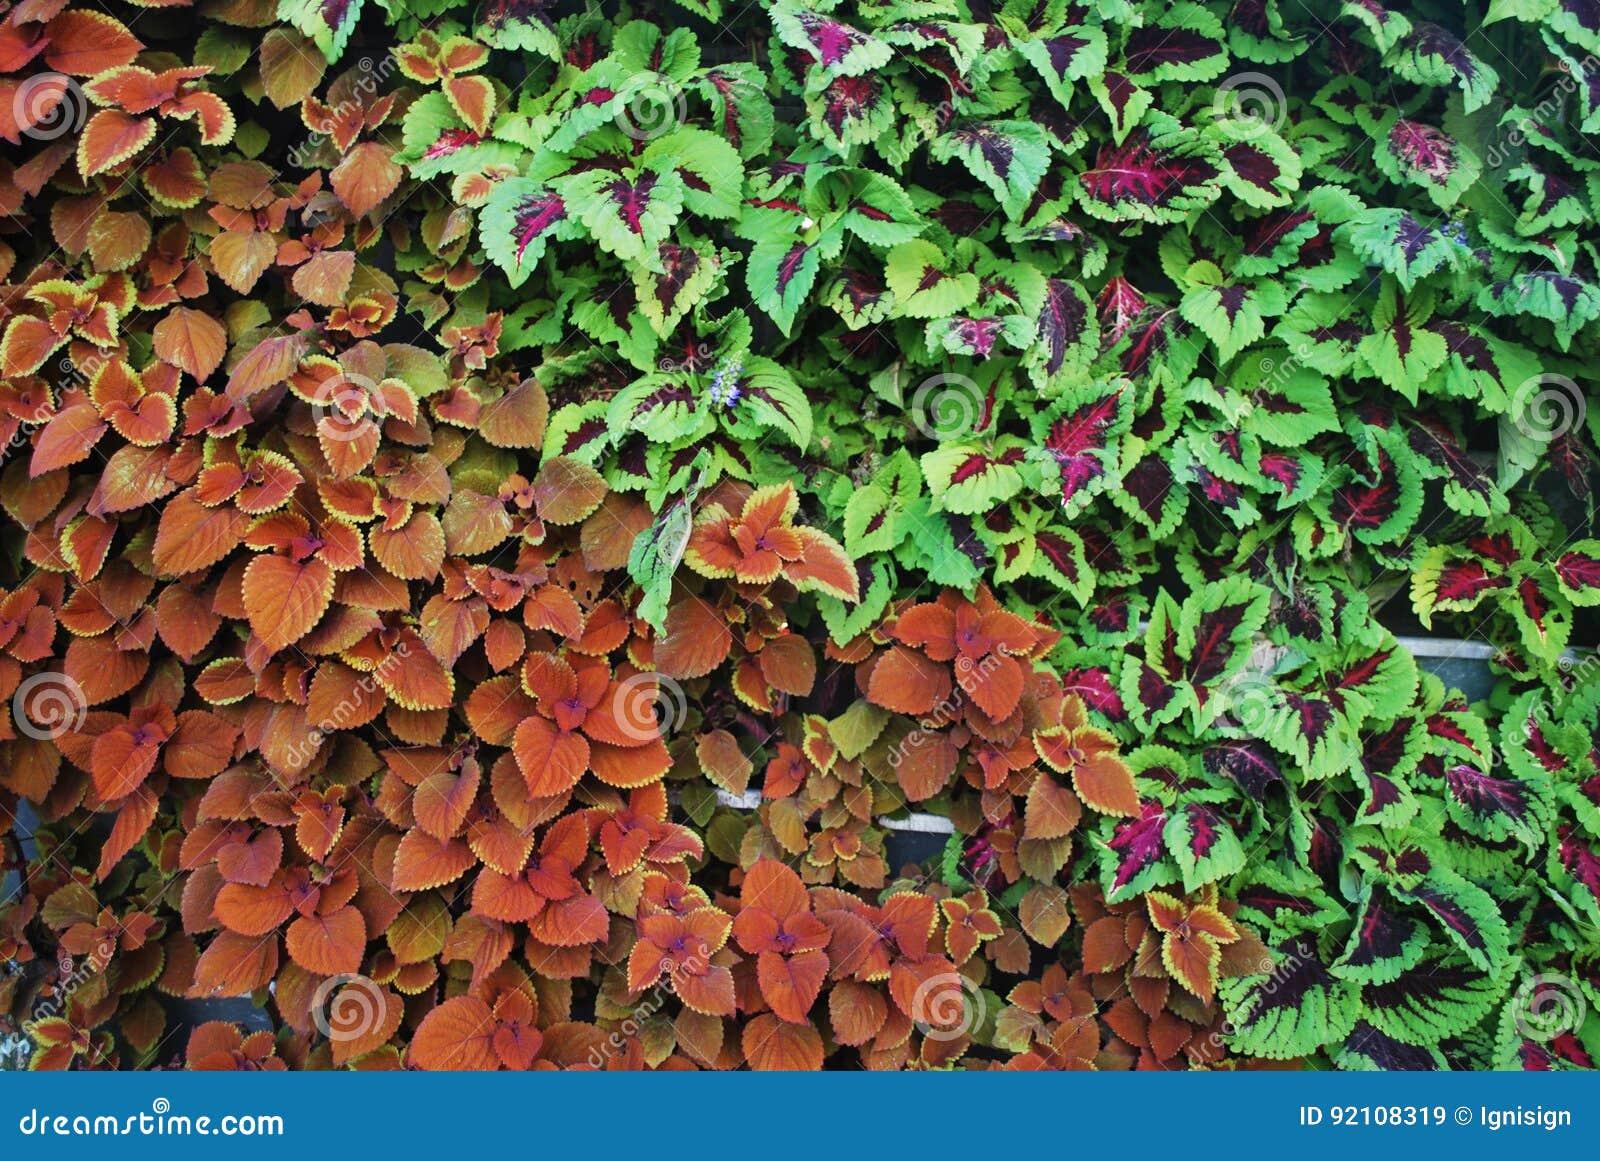 Verticale Tuin Zakken : Milieuvriendelijke verticale tuin wal stock afbeelding